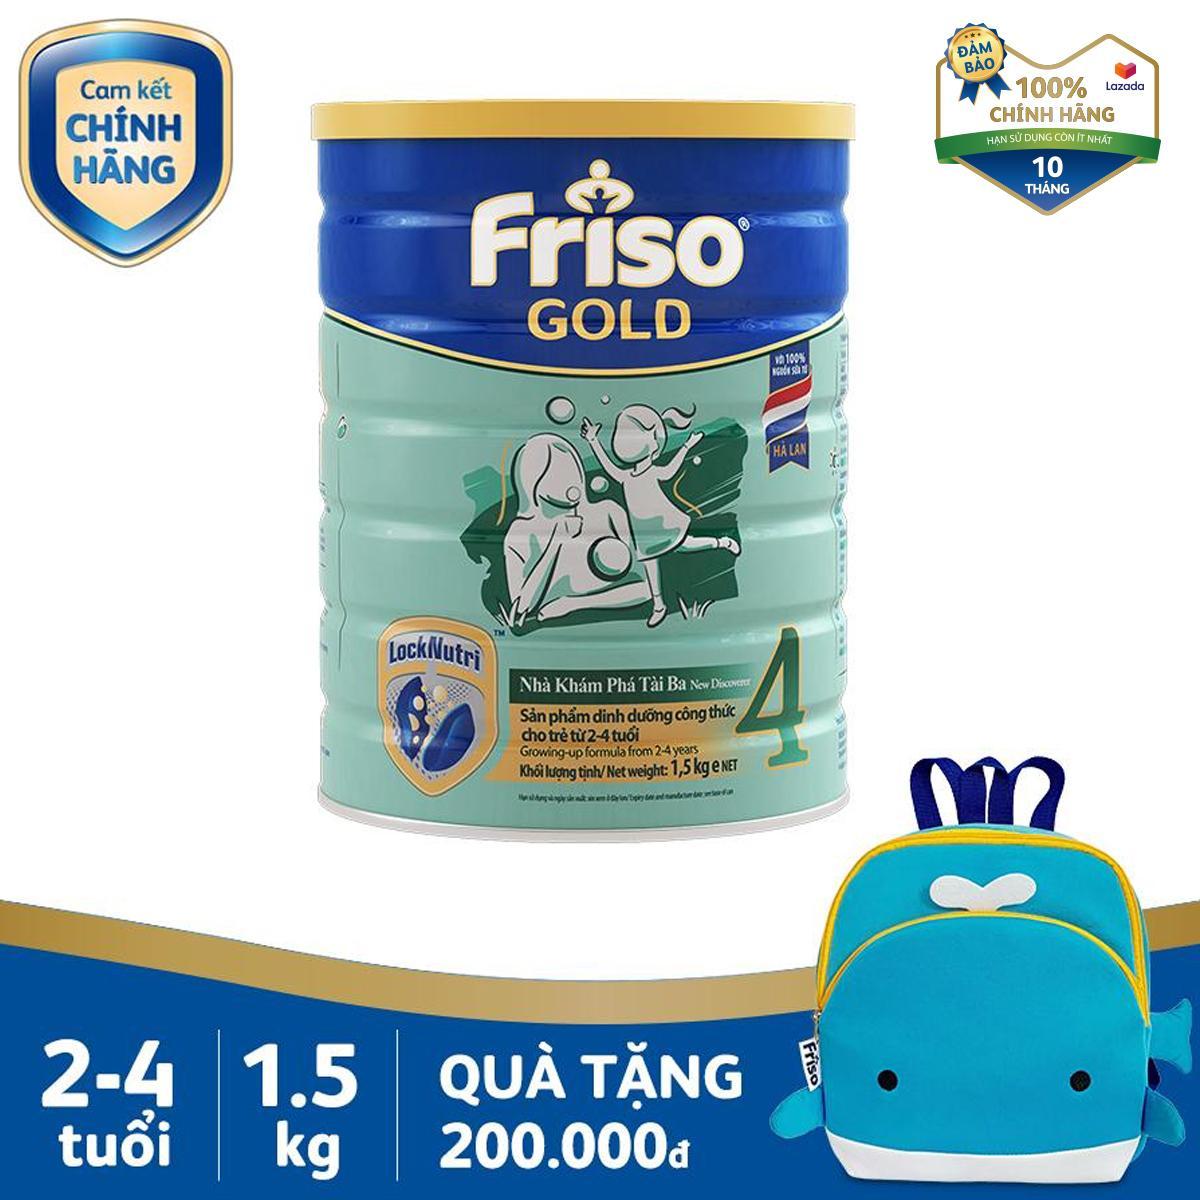 Mã Ưu Đãi Khi Mua Sữa Bột Friso Gold 4 1.5kg Cho Trẻ Từ 2-4 Tuổi + Tặng 1 Balo Cá Voi Xanh Trị Giá 200k - Cam Kết HSD ít Nhất 10 Tháng